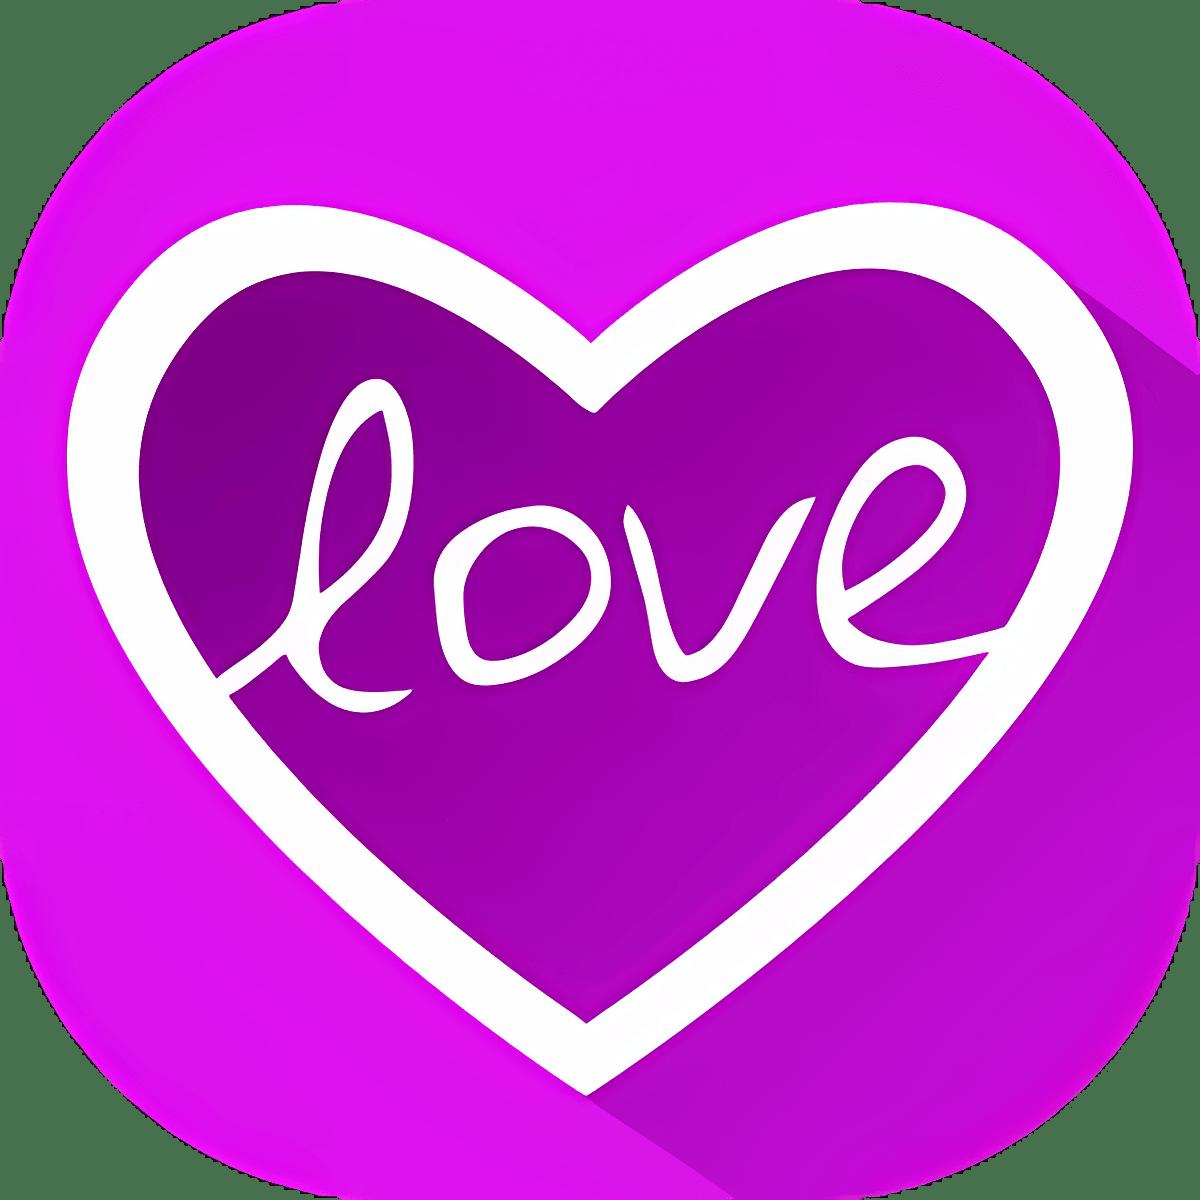 Love for WhatsApp 1.0